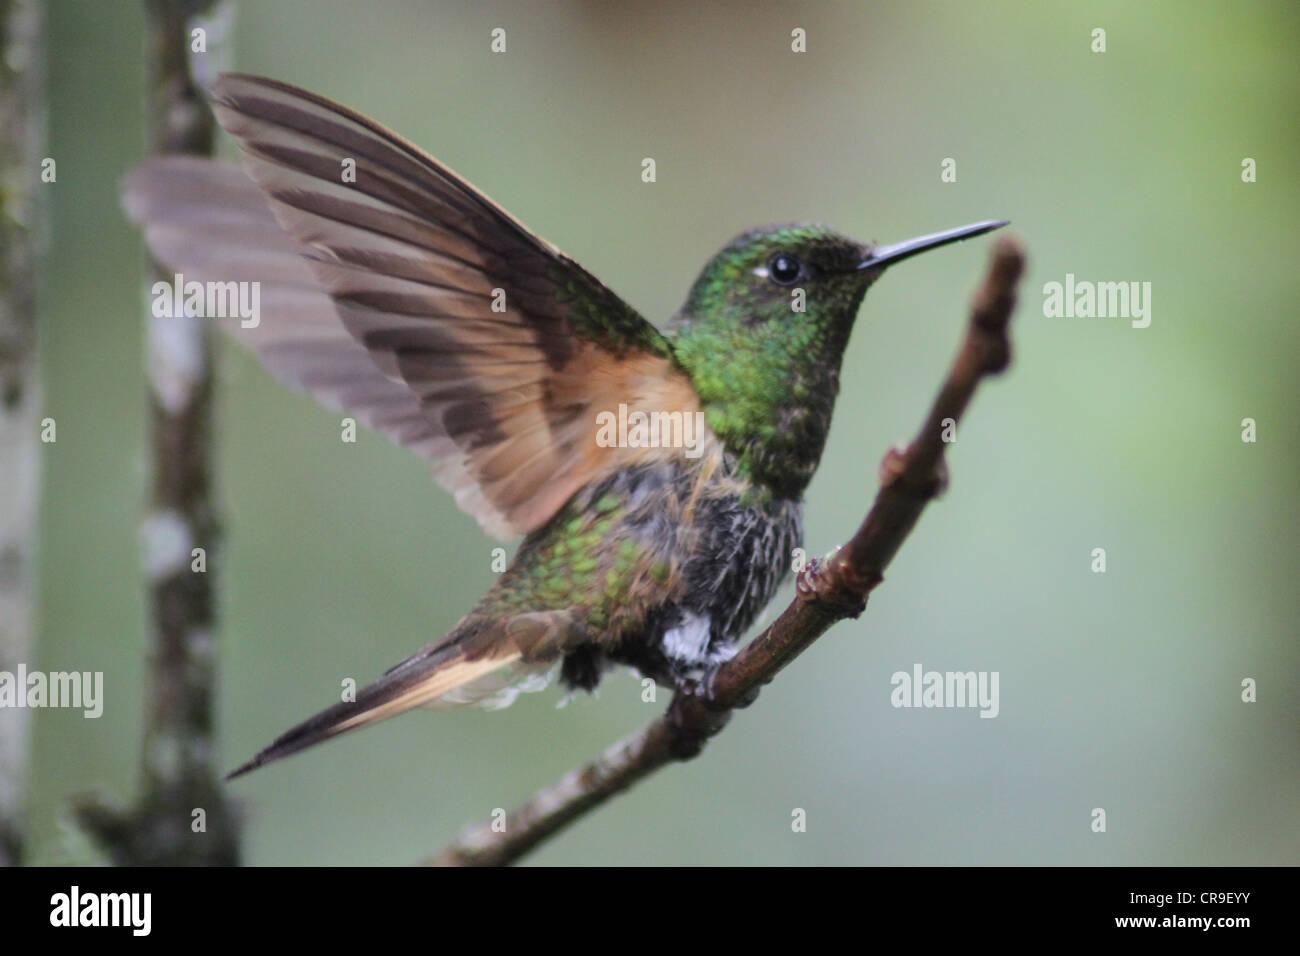 Oiseau de ronflement avec ailes déployées Photo Stock